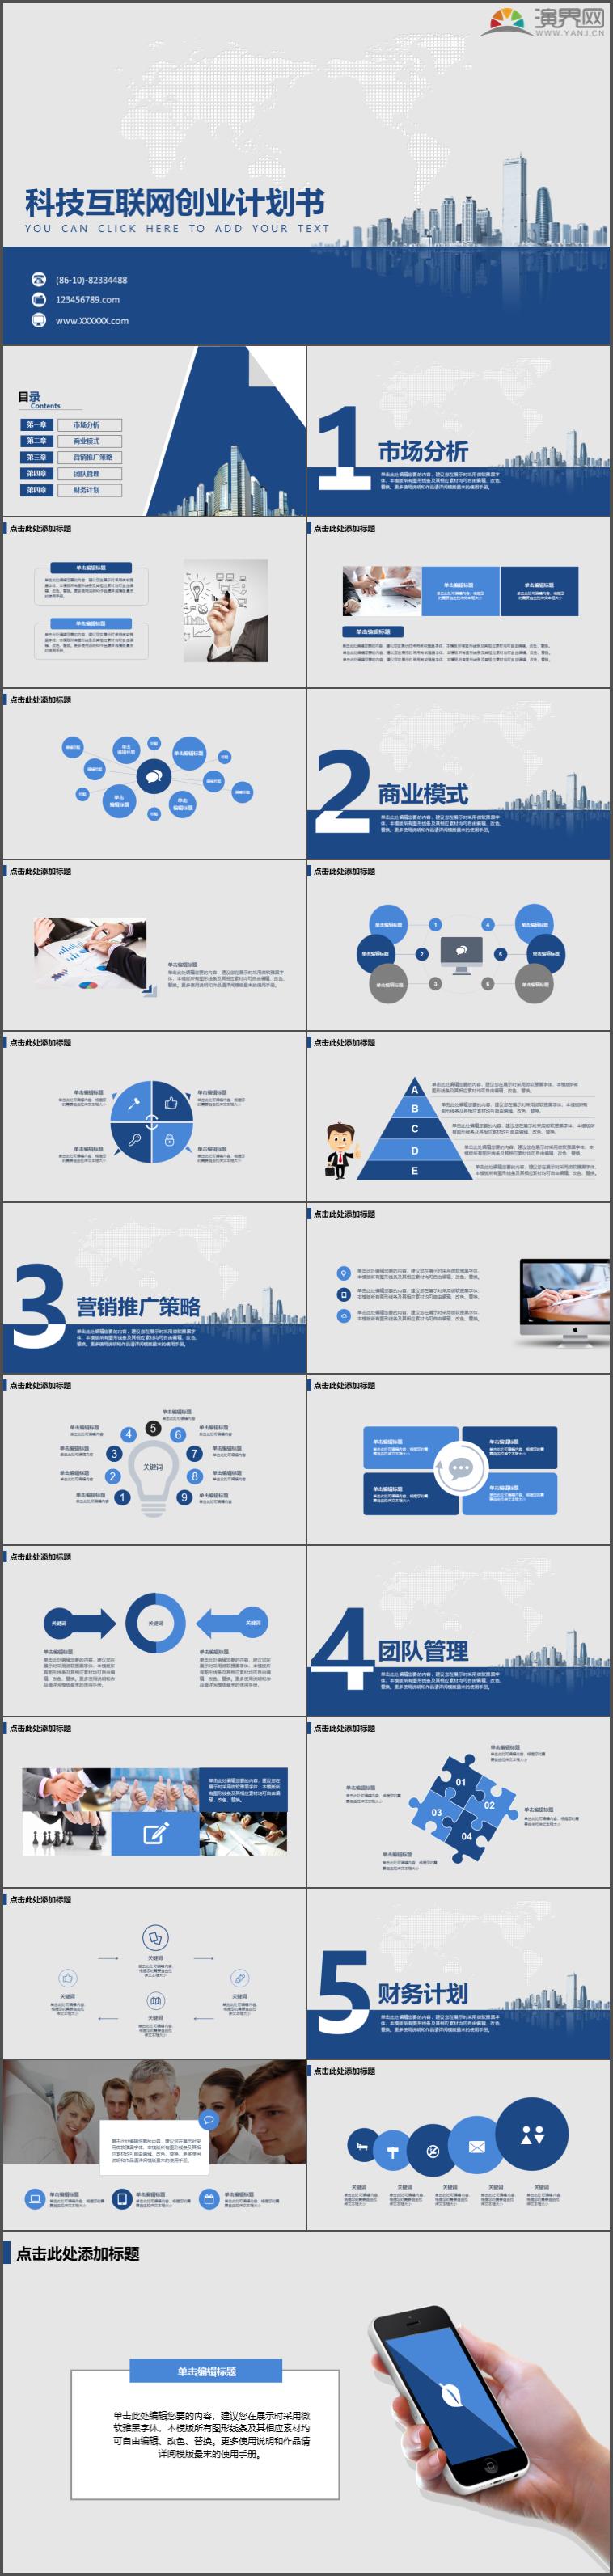 科技互联网创业计划书时尚动态PPT模板50下载–演界网